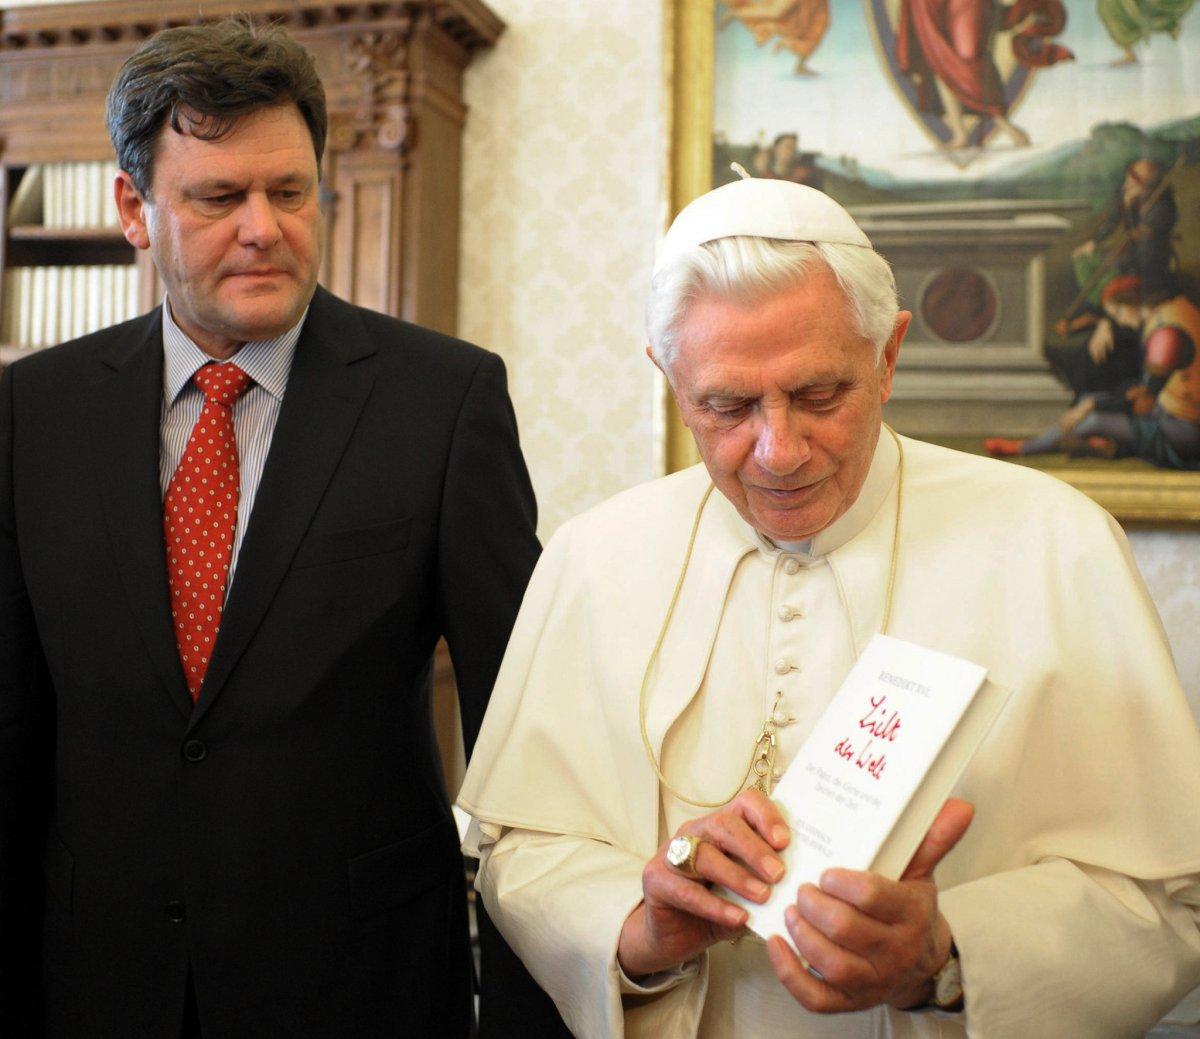 Peter-Seewald-dan-Paus